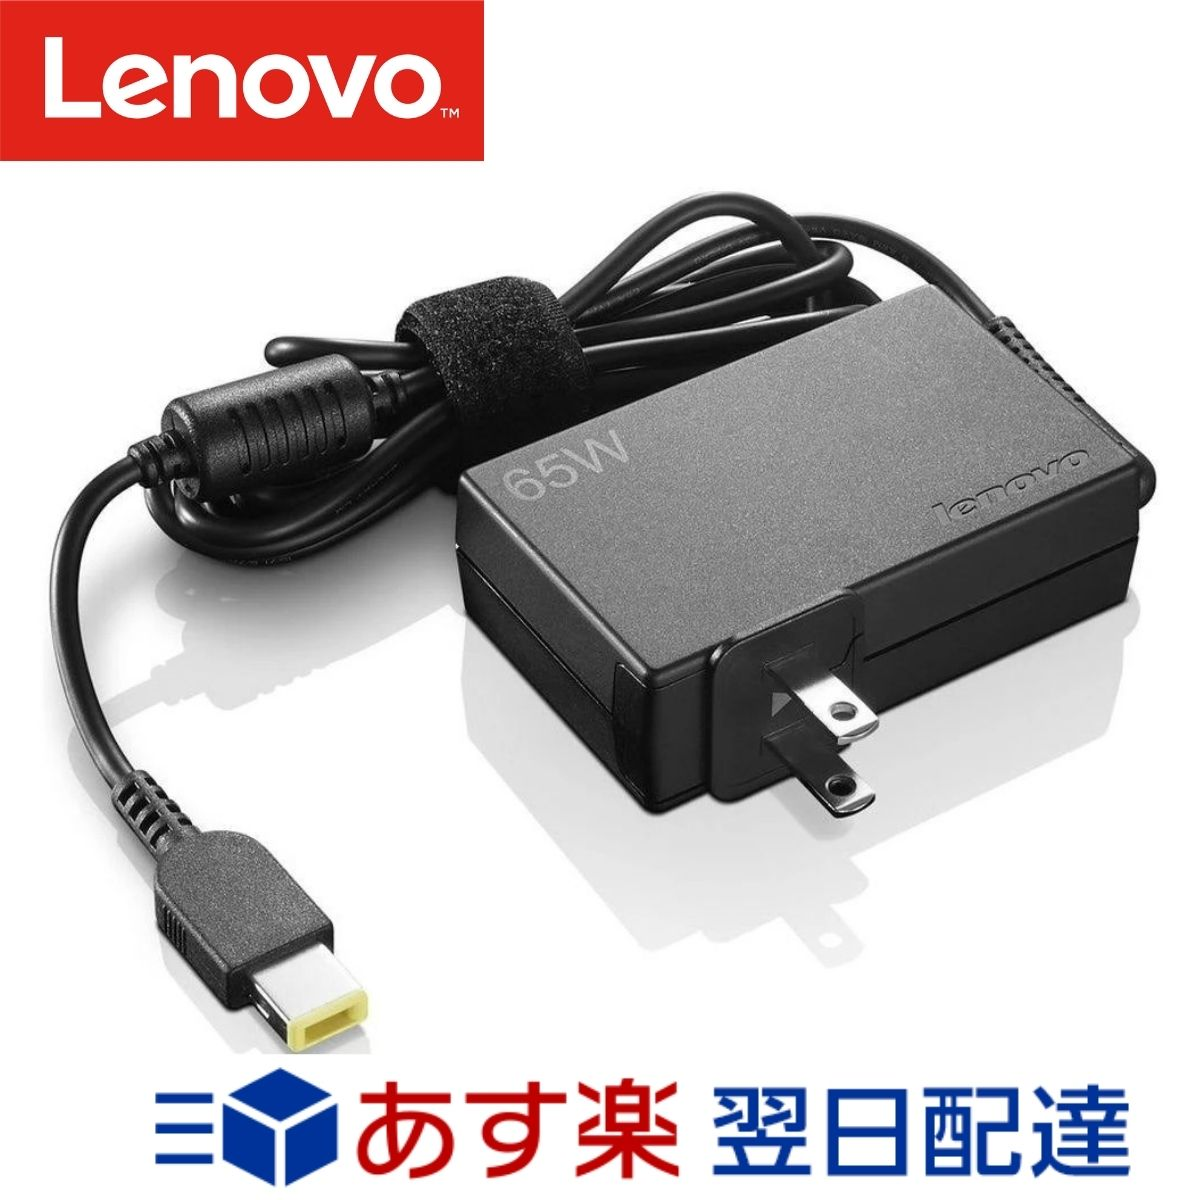 あす楽 送料無料 ポイント消化 メーカー純正品 3年保証 Lenovo 65W トラベル 新作販売 ACアダプター 4X20H56547 レノボ 記念日